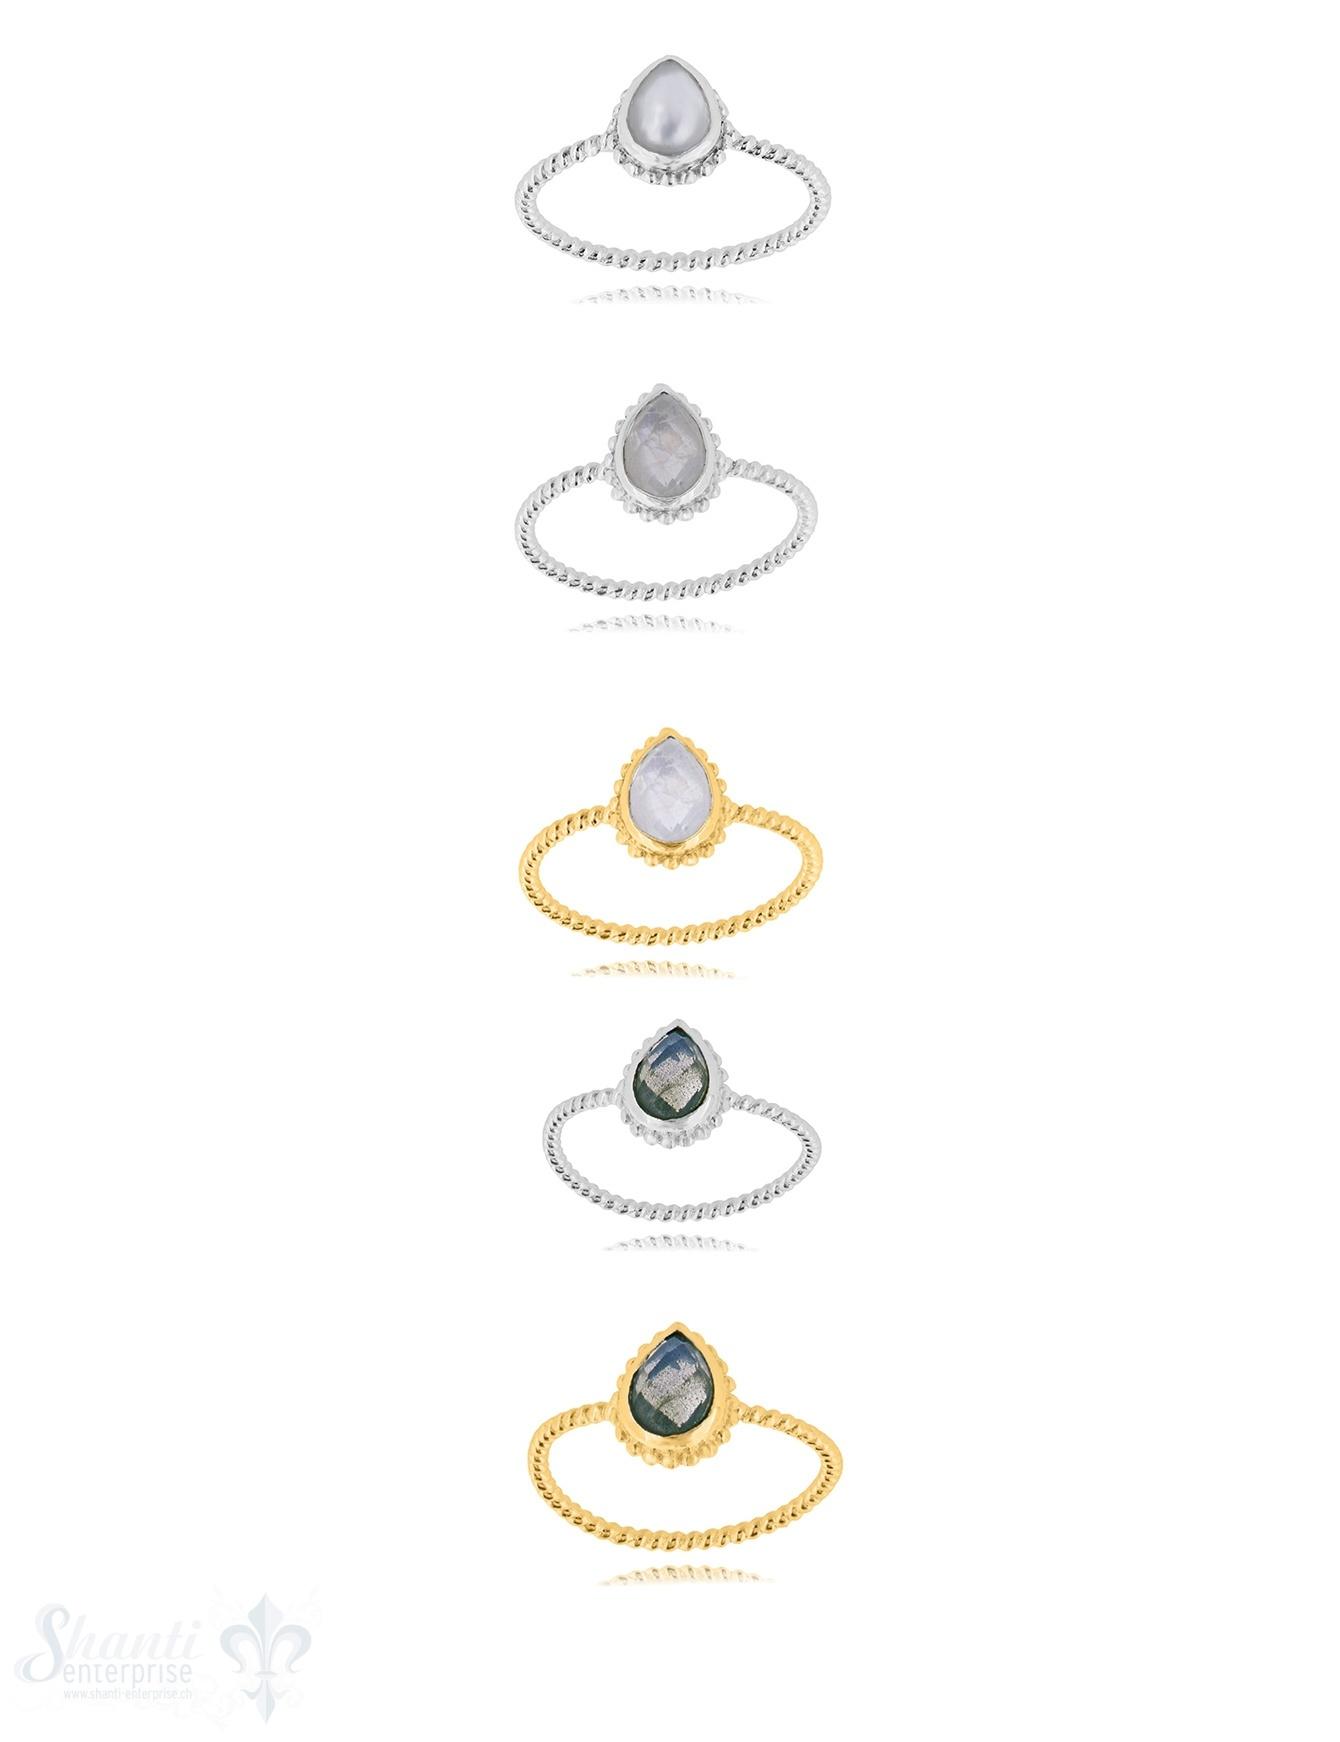 Silberring Tropfen 10x8 mm facettiert gepunktet Schiene 1,4 mm breit Silber 925